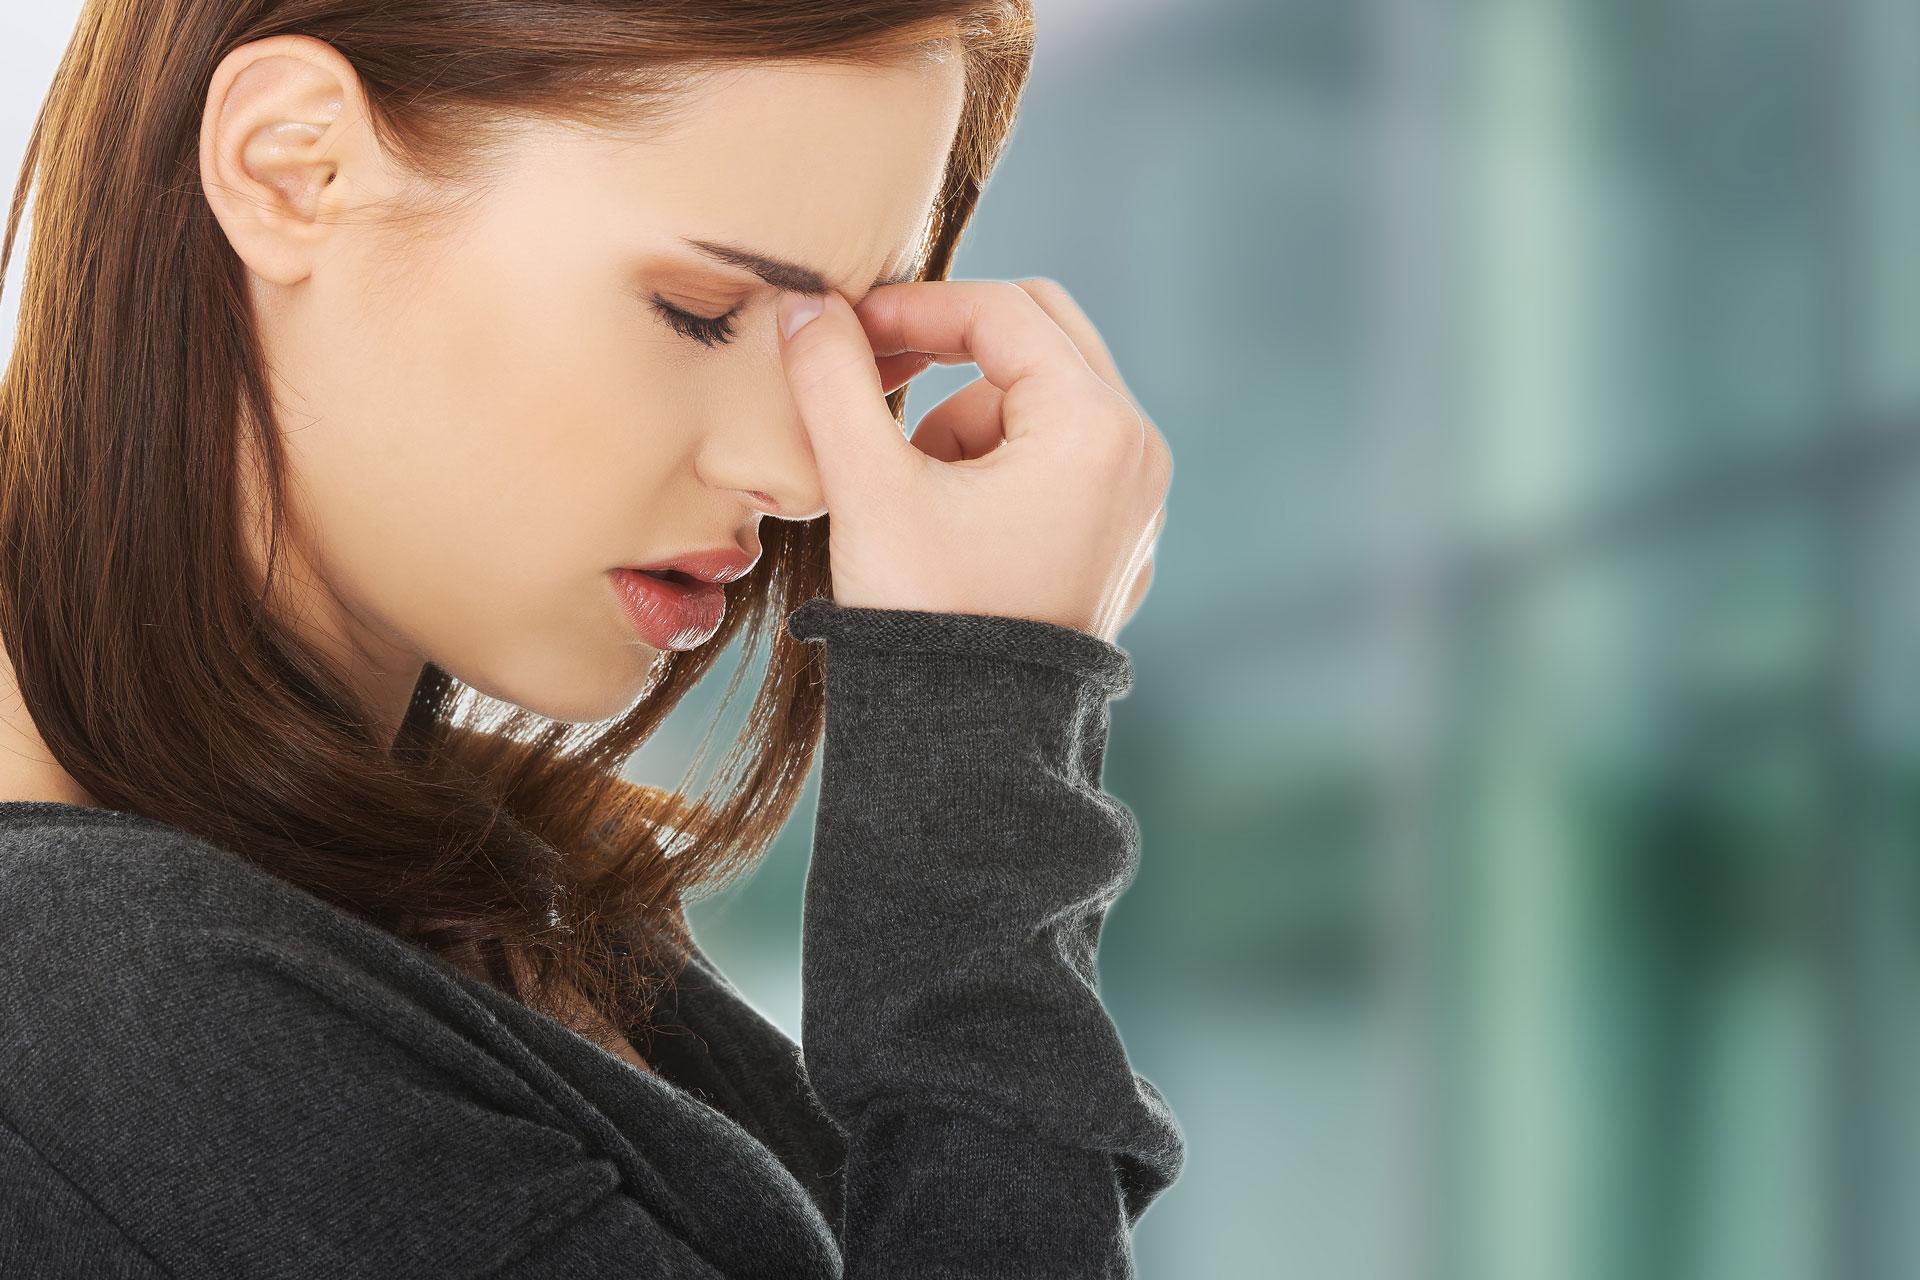 vedere slabă la o fată test ocular pentru glaucom